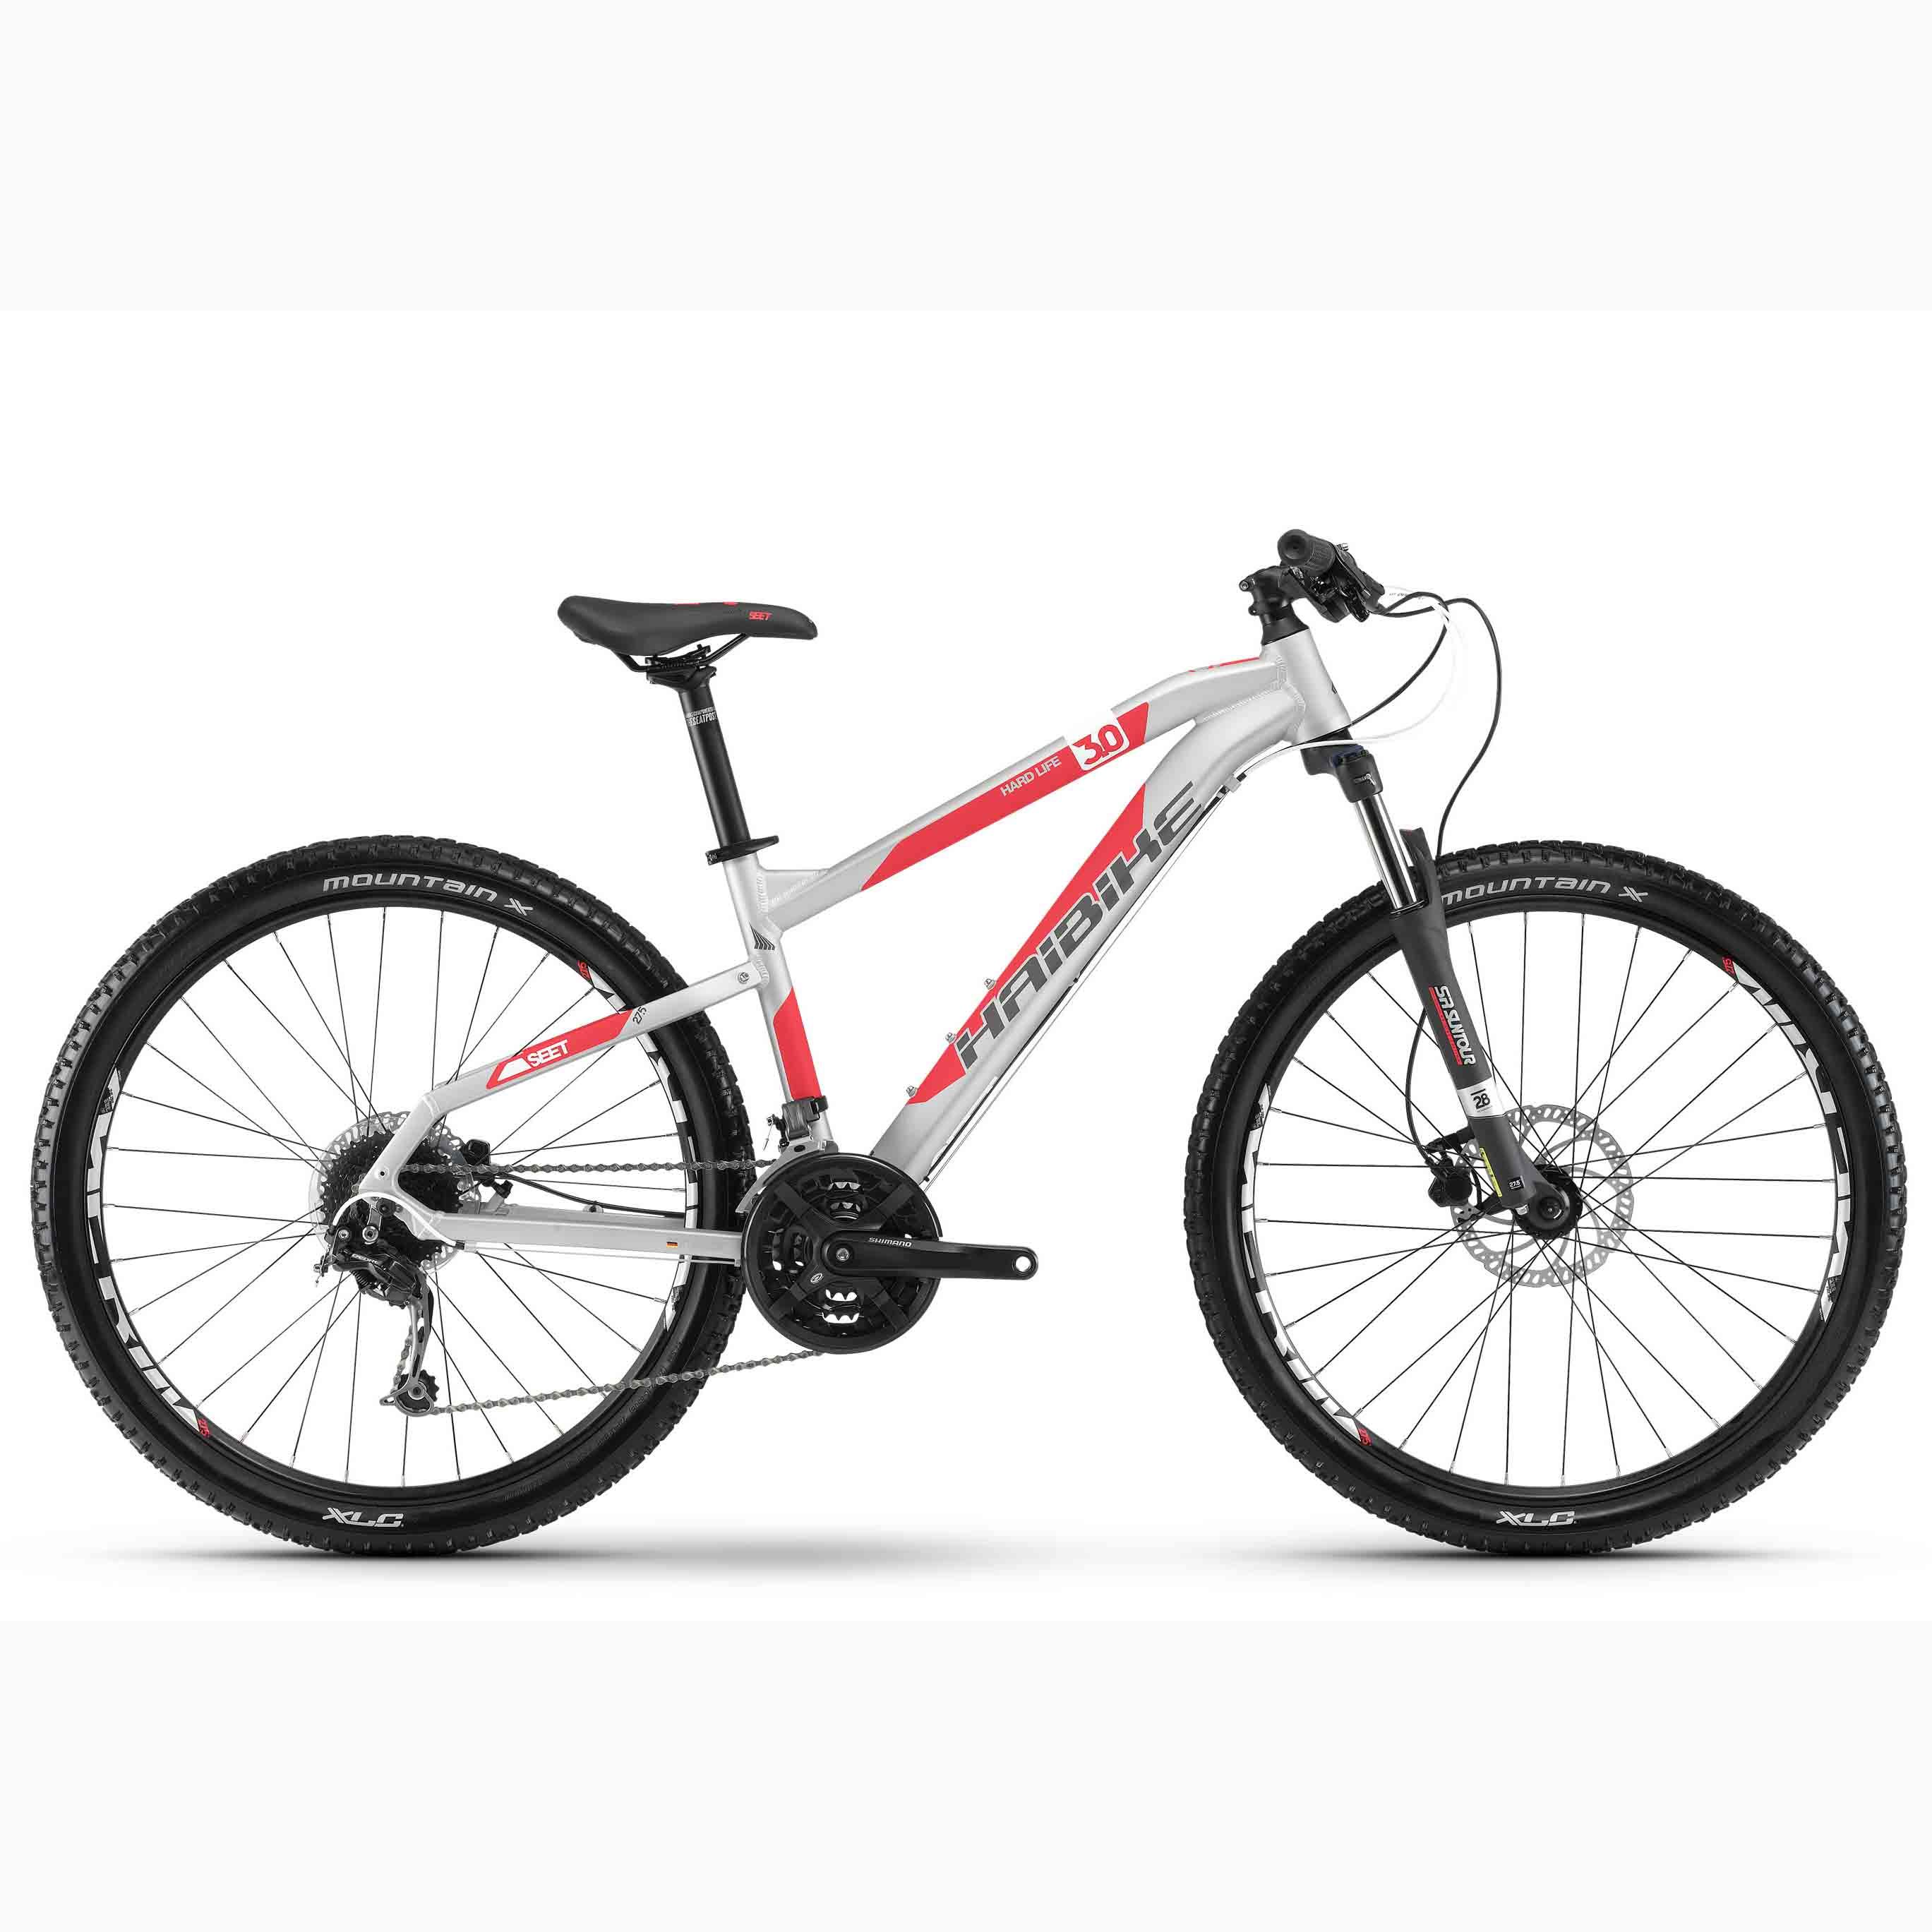 Фото Велосипед Haibike SEET HardLife 3.0 27,5″, рама 45см, 2018